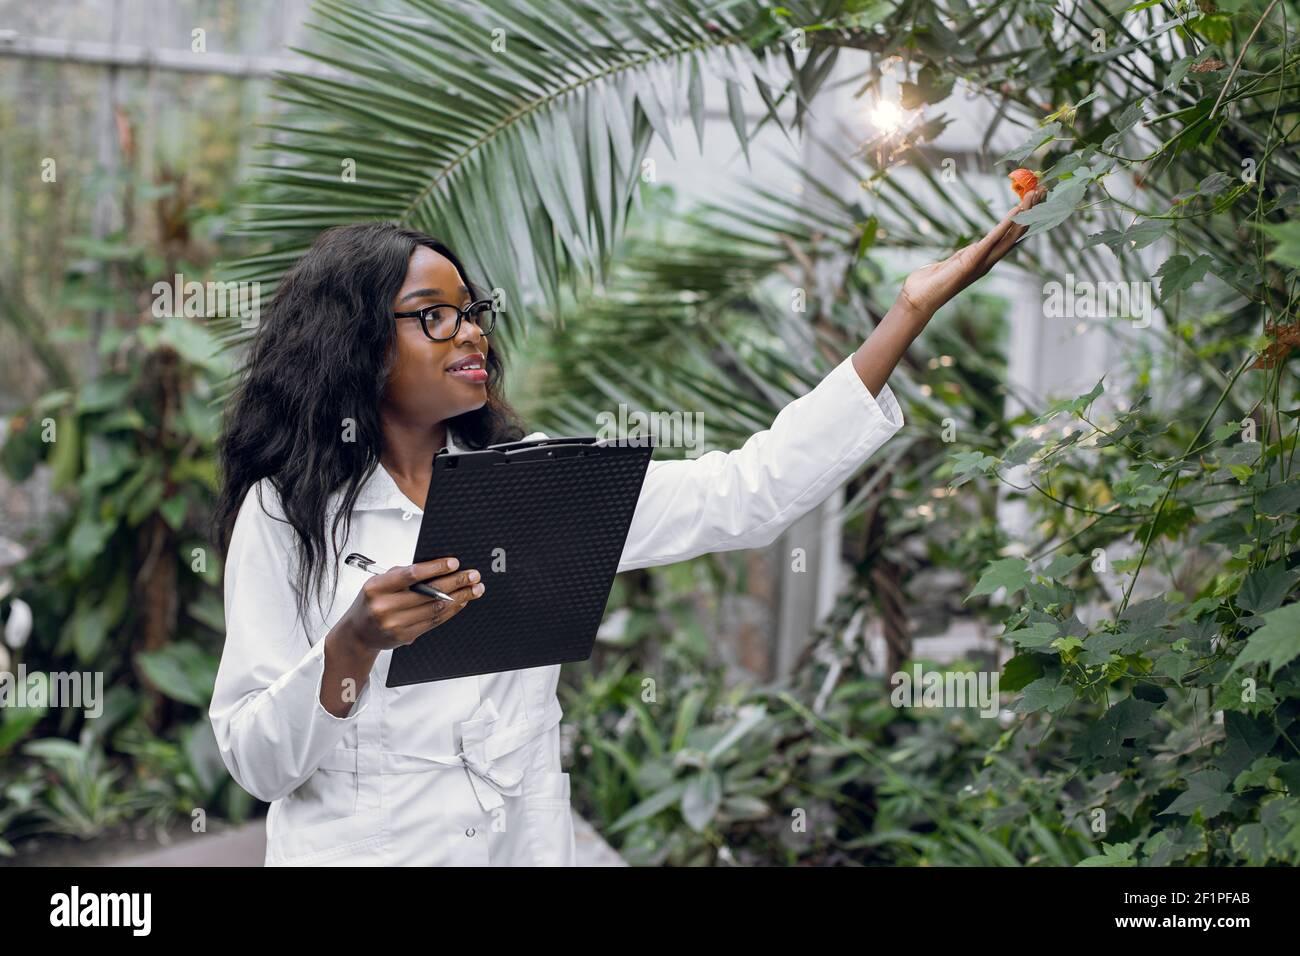 Professionelle afrikanische Frau Agronomin führt Inspektion der Pflanzen, arbeitet im Gewächshaus und macht Notizen in Zwischenablage. Stockfoto